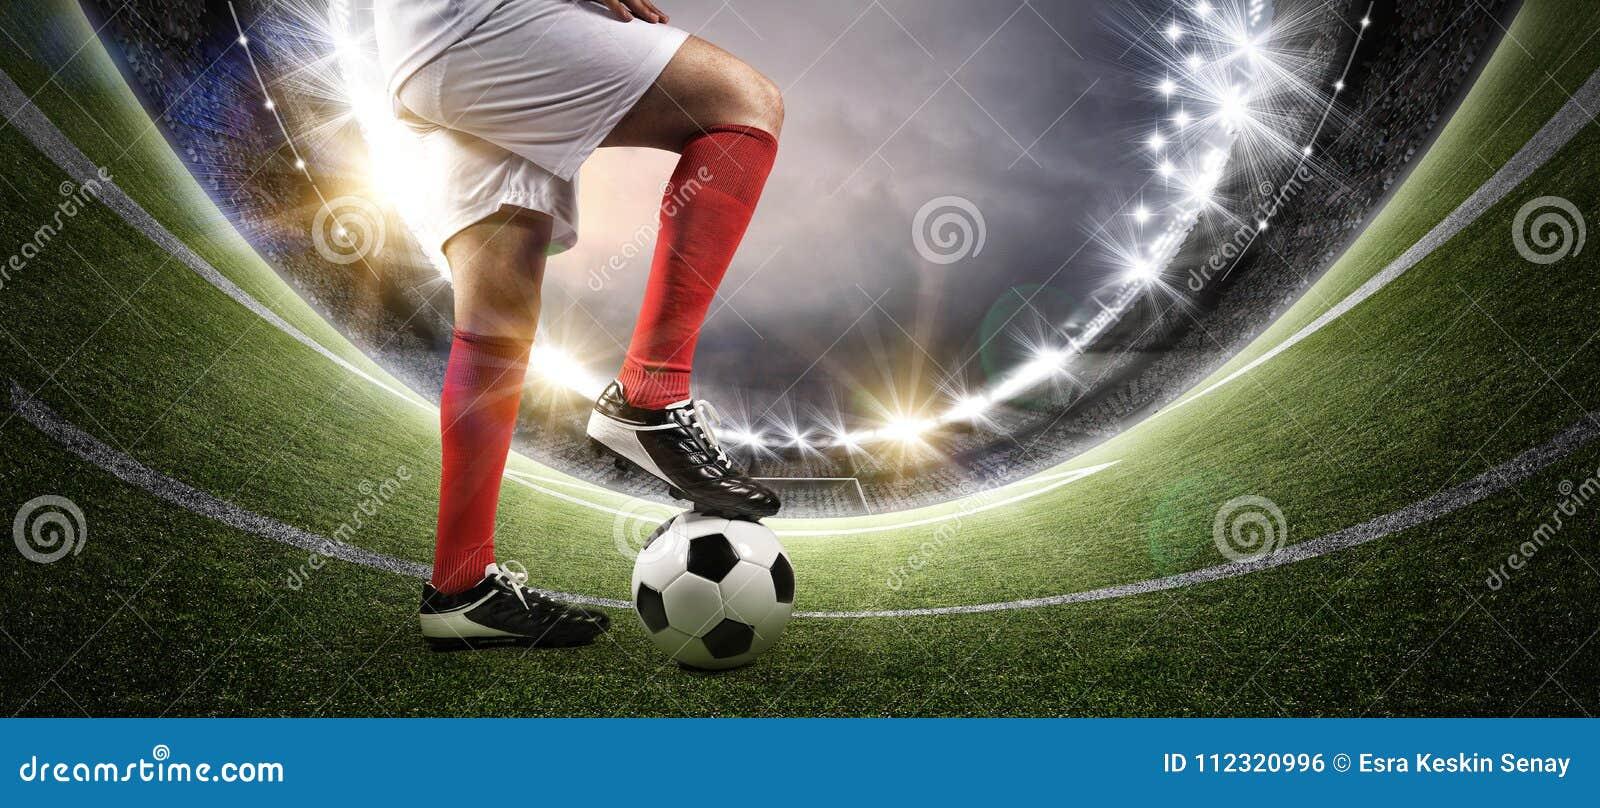 Fotbollsspelare i stadion